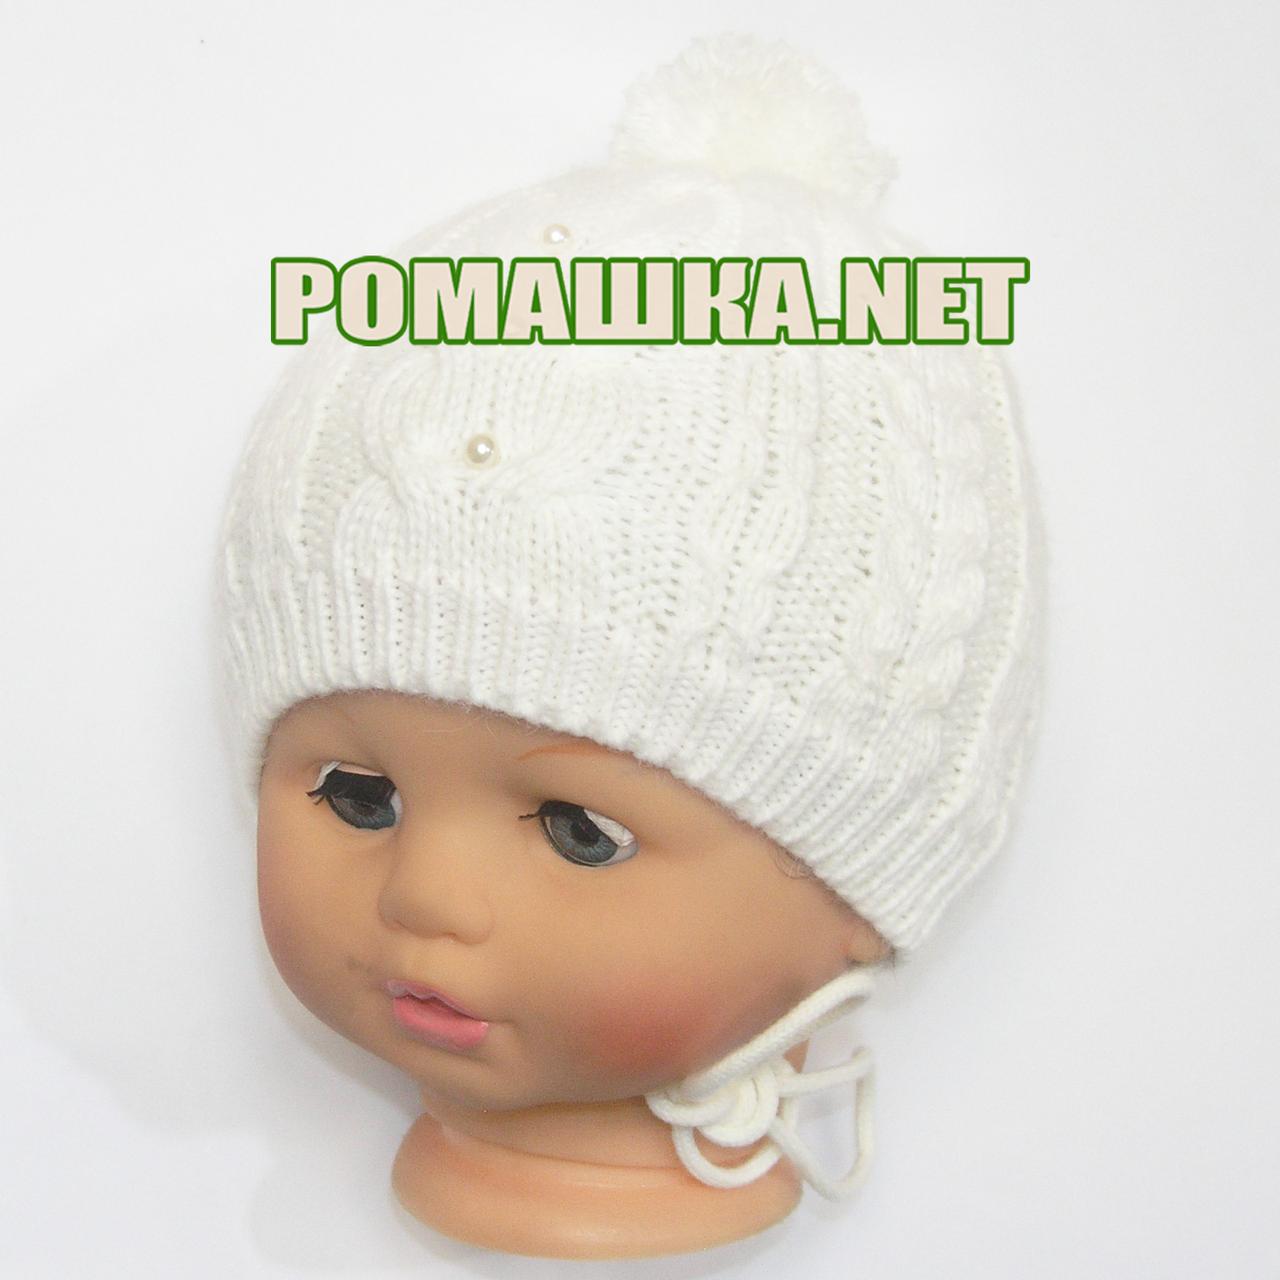 Детская зимняя вязанная термо шапочка р. 38-40 на выписку для новорожденного  с завязками 3894 Бежевый 40 d2e4117e72d26